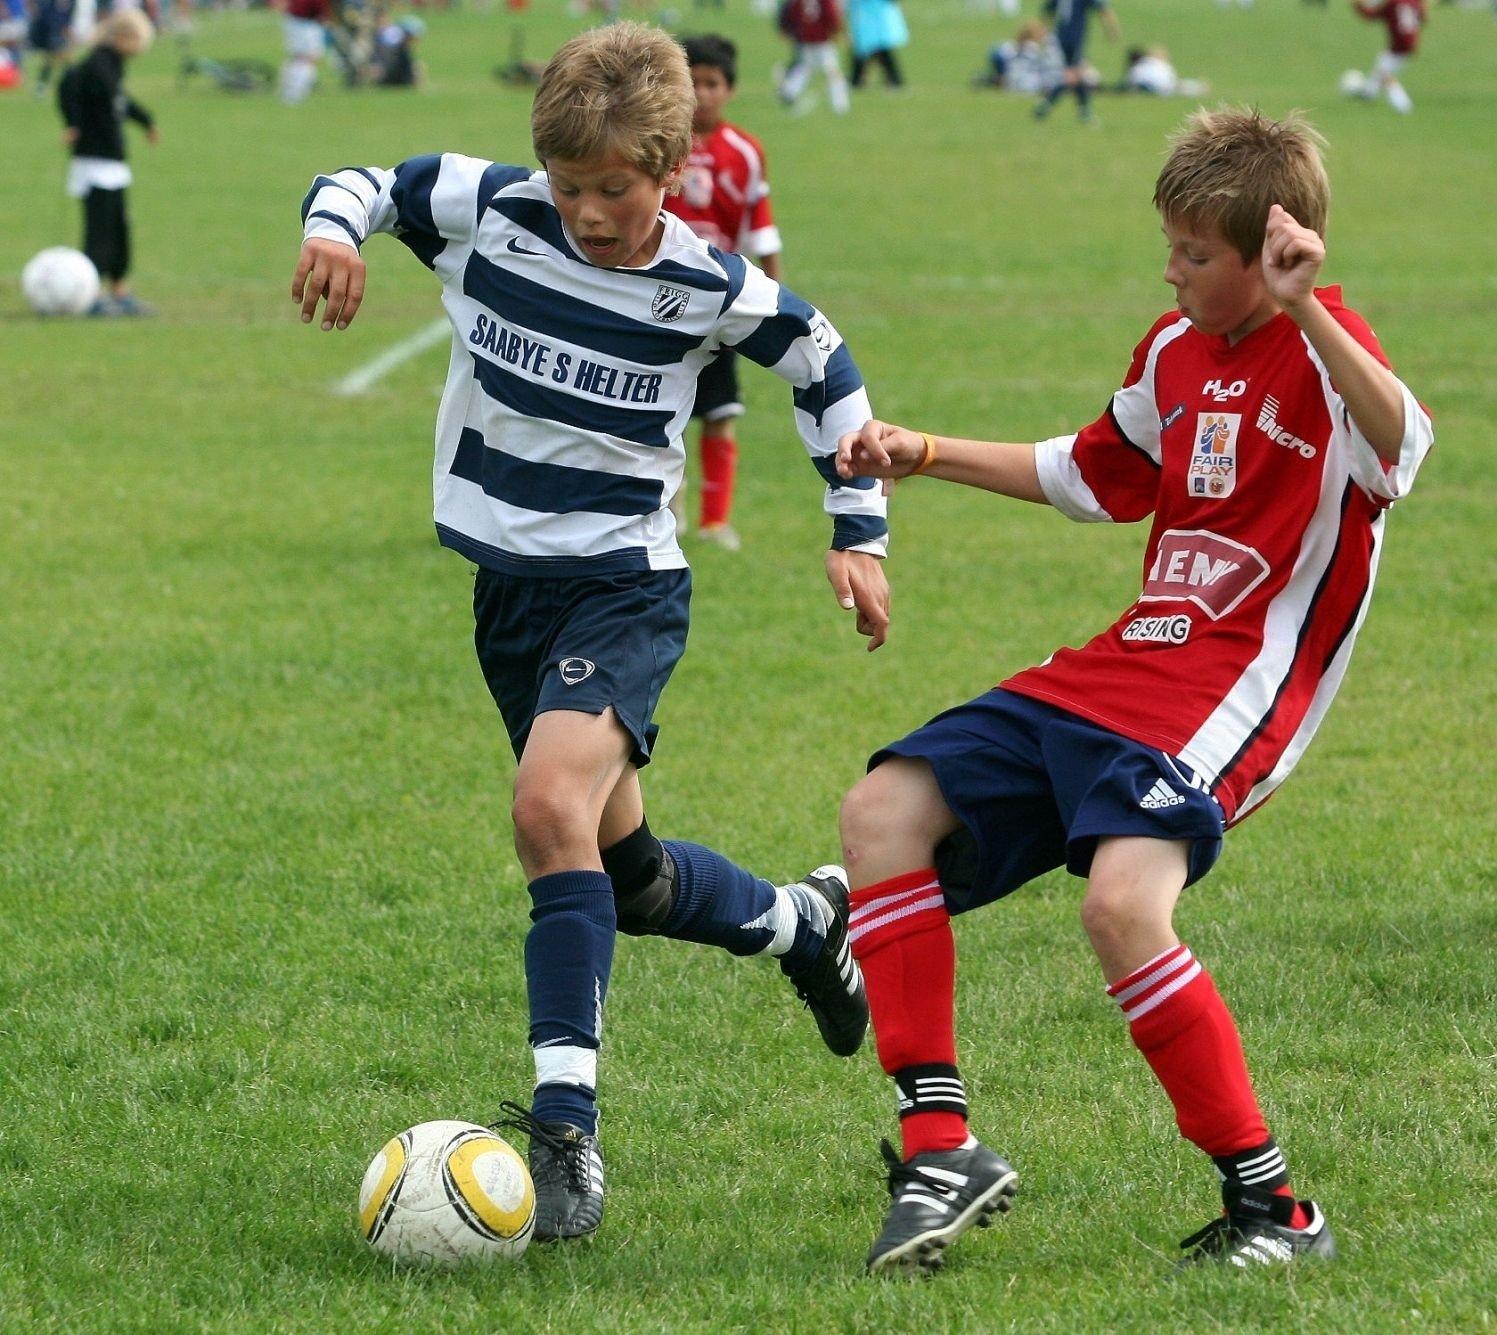 Frigg og Daniel Holm Glad (t.v) overbeviste stort mot Gjerpen i Norway Cup.